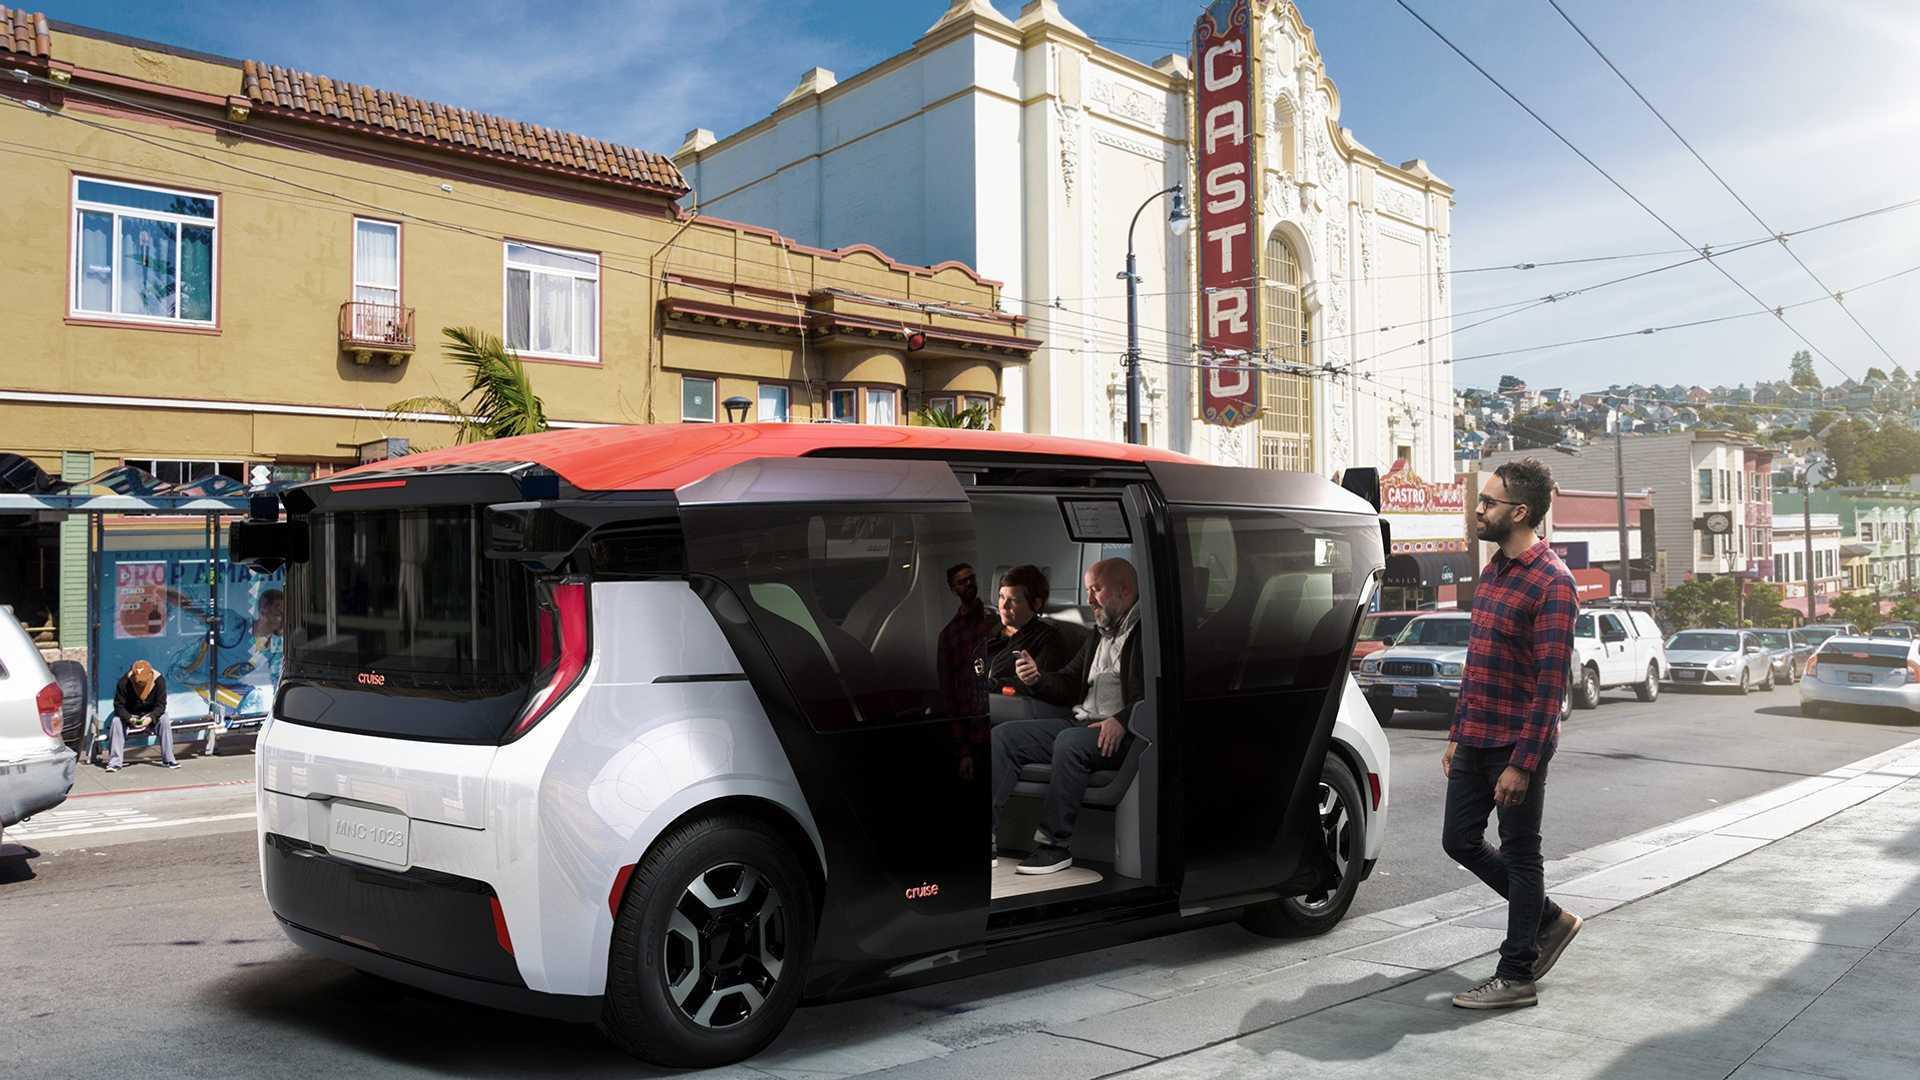 Федеральное правительство упрощает правила безопасности для некоторых автономных автомобилей